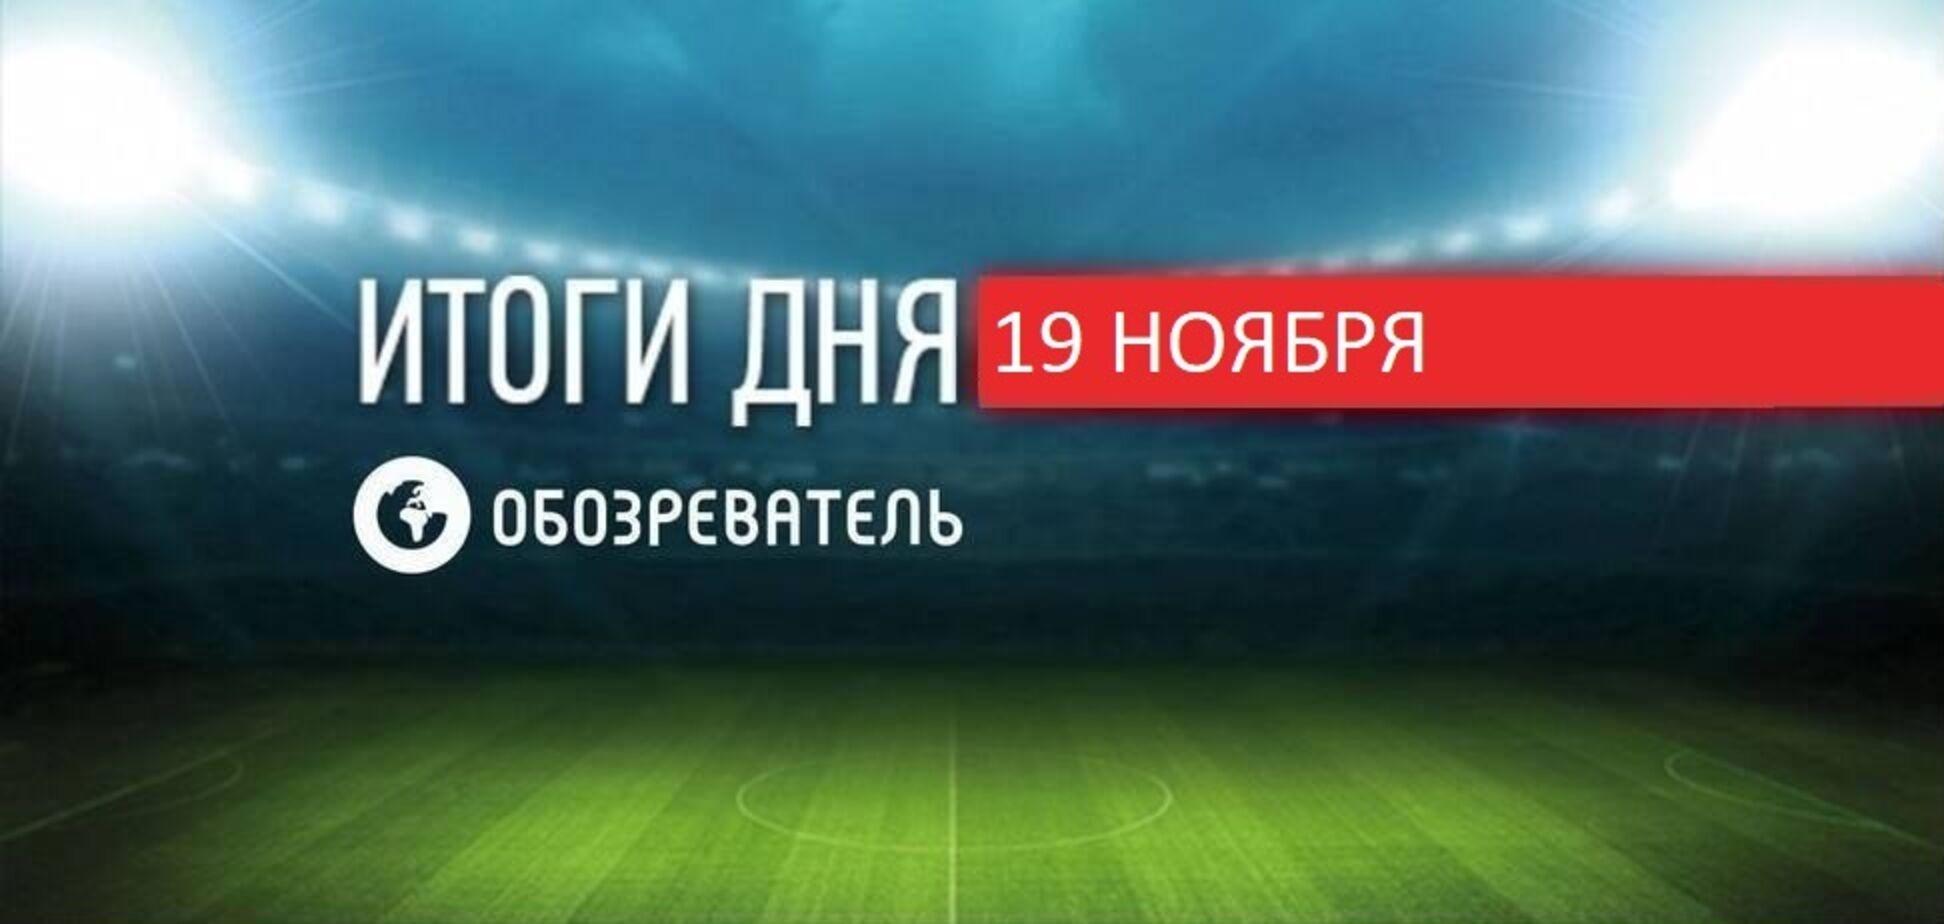 Збірну Росії висміяли за 0:5 від Сербії: спортивні підсумки 19 листопада